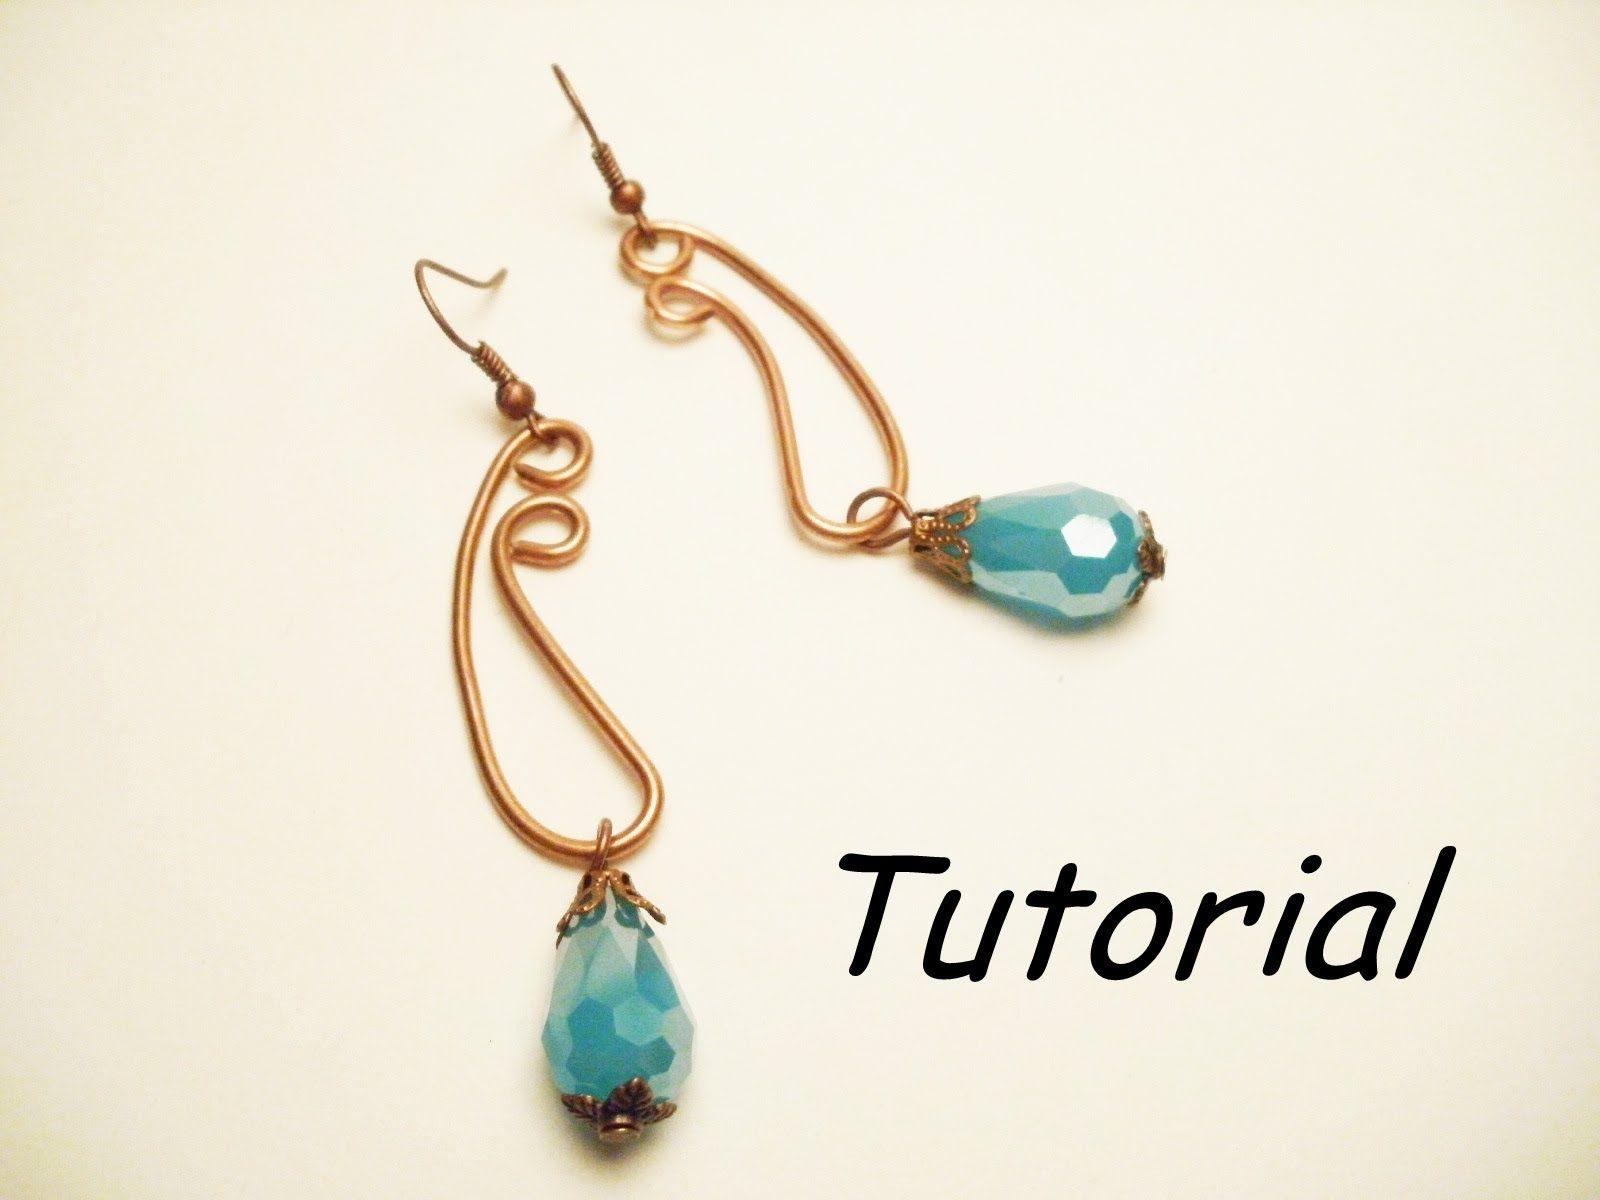 TUTORIAL orecchini wire per principianti | Wire earrings TUTORIAL ...